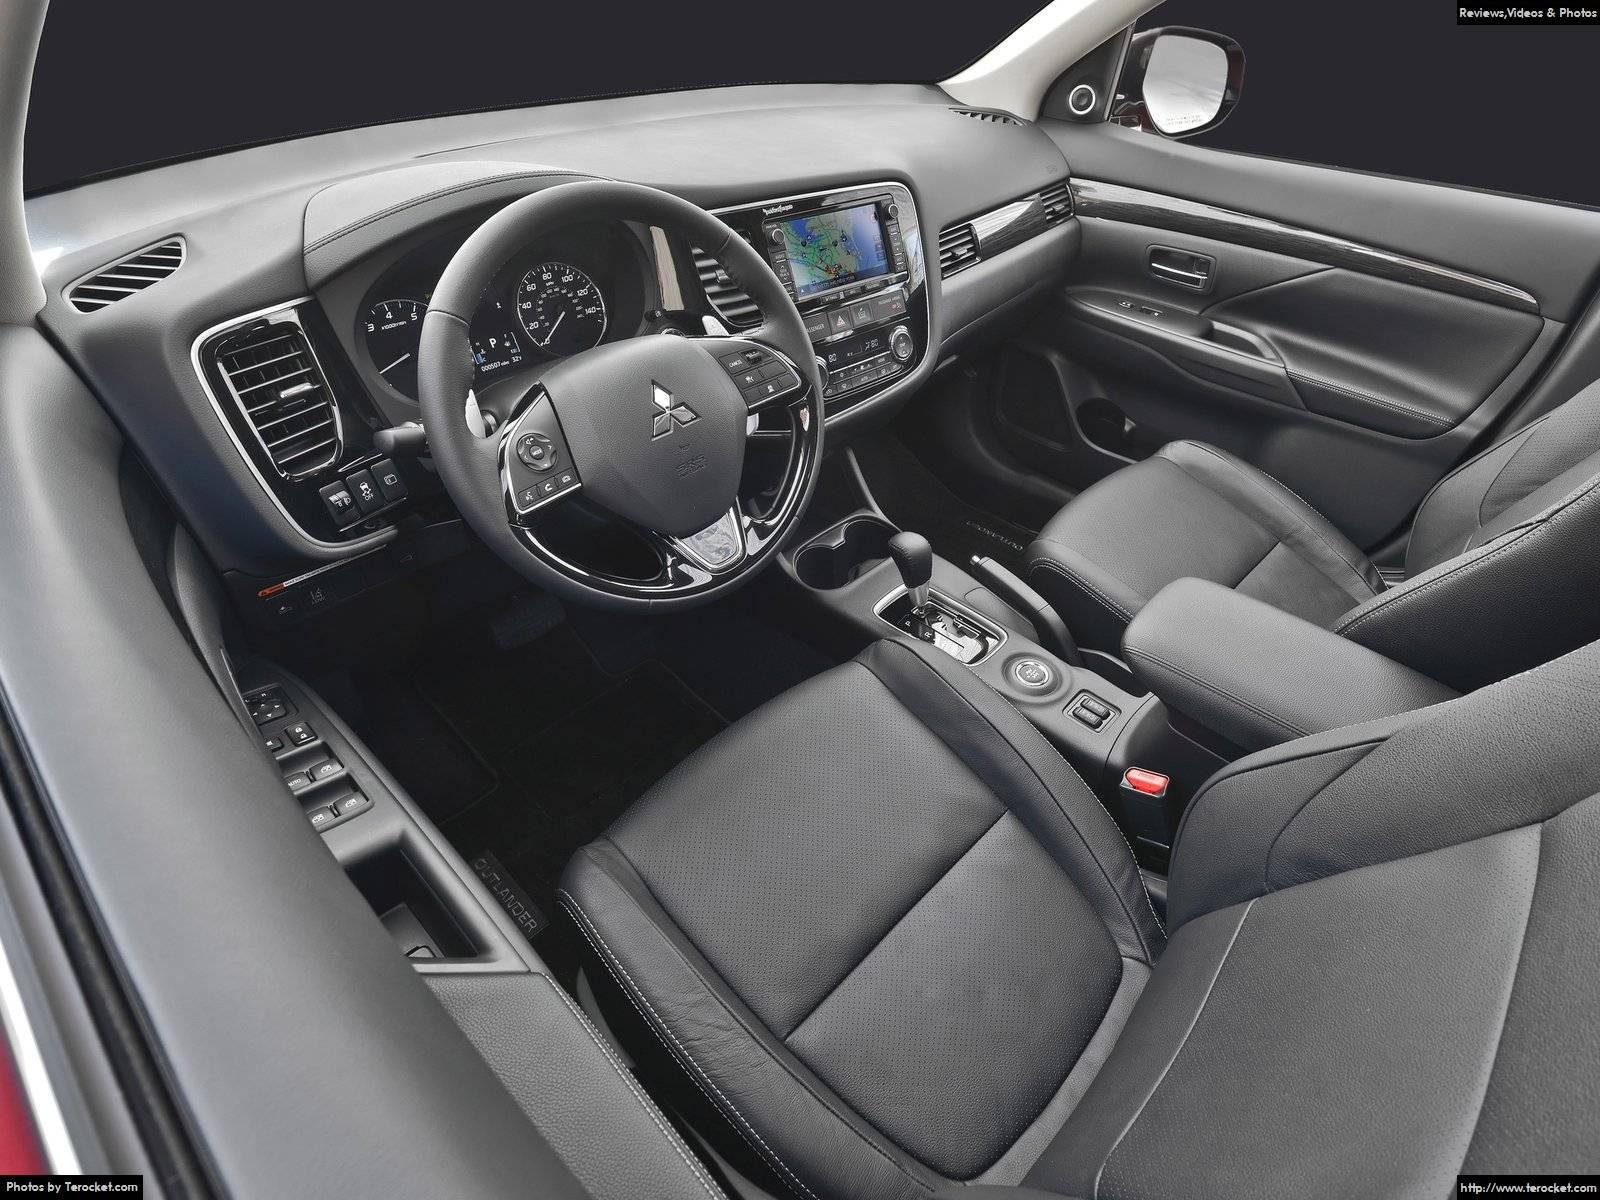 Hình ảnh xe ô tô Mitsubishi Outlander 2016 & nội ngoại thất